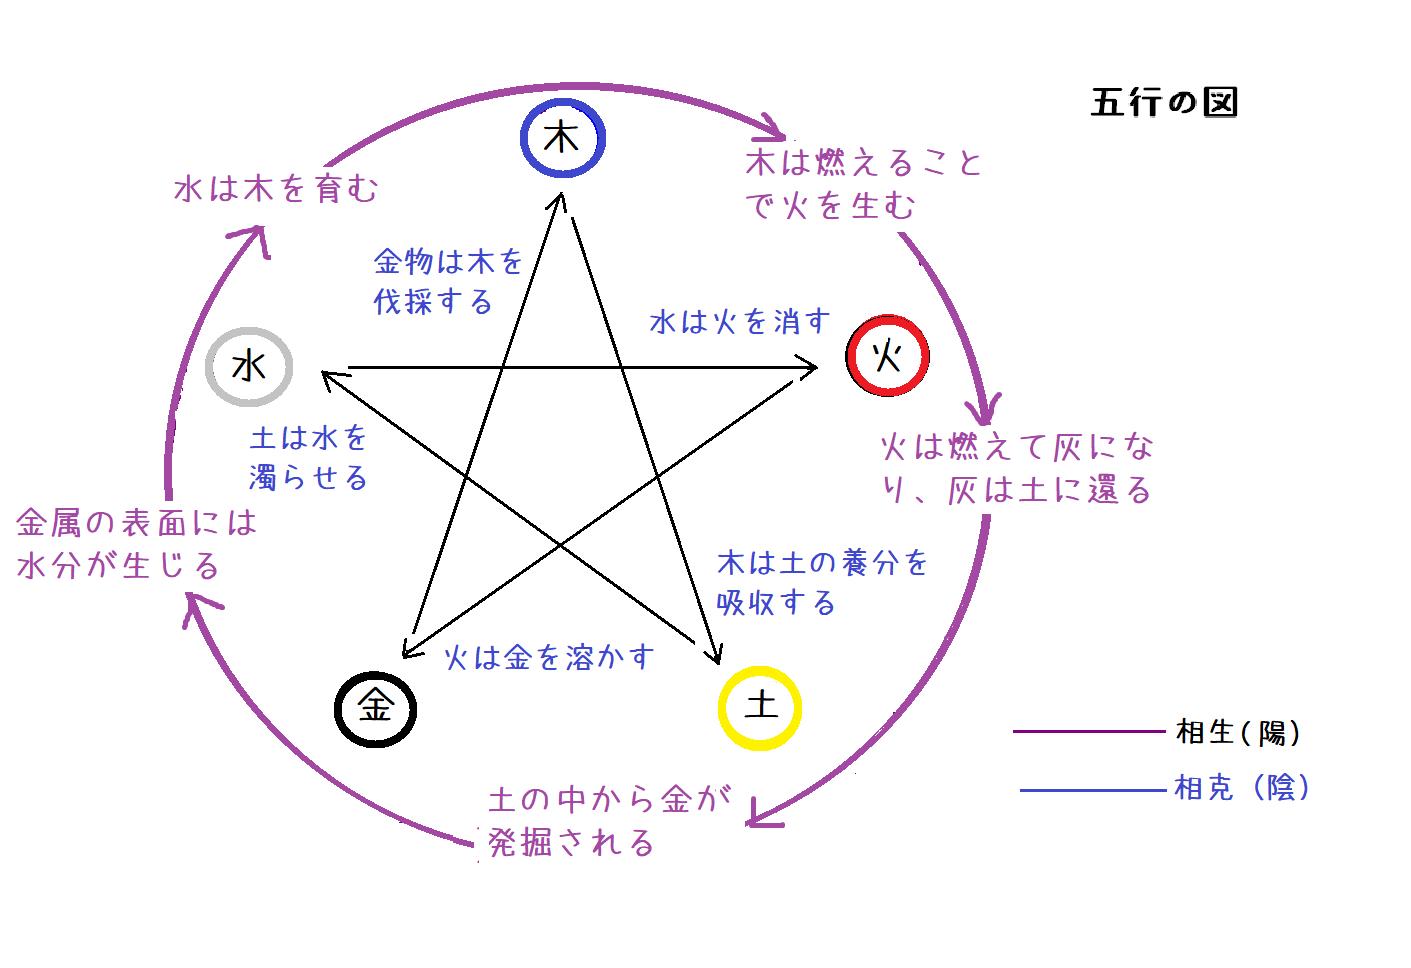 近畿の五芒星と五行説の関係